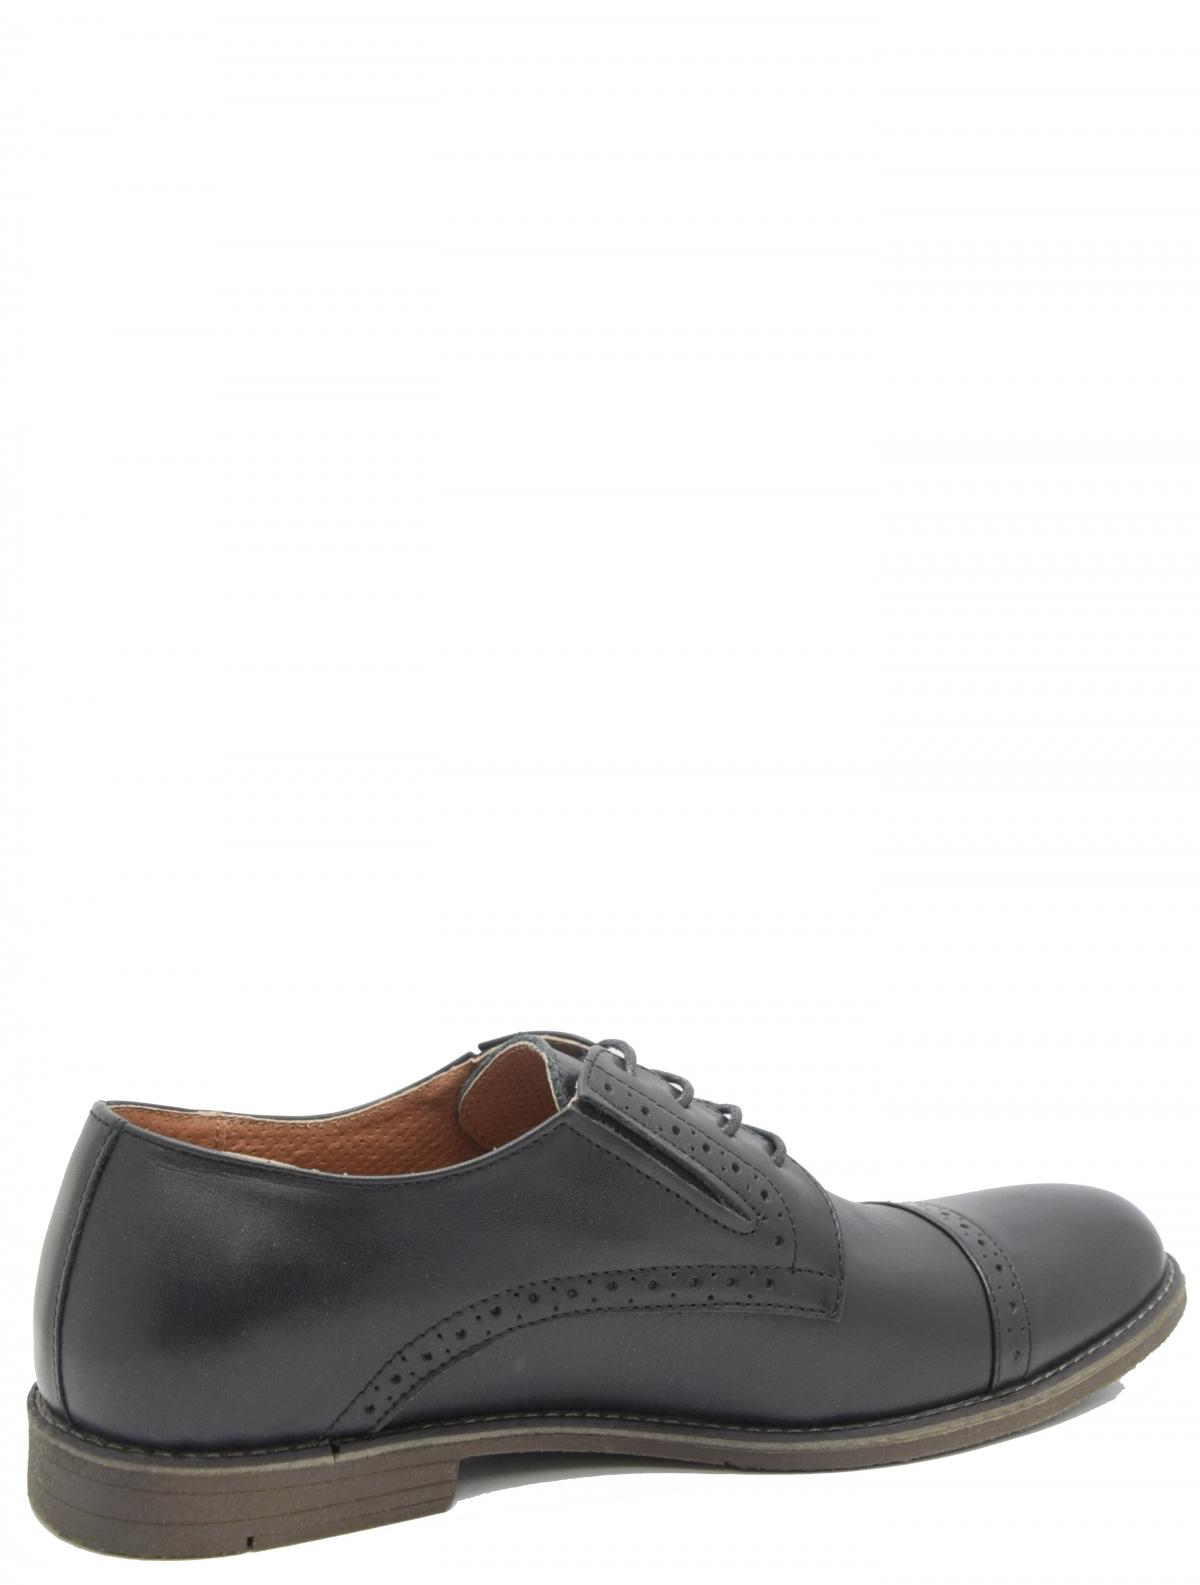 BastoM 1752-2 мужские туфли